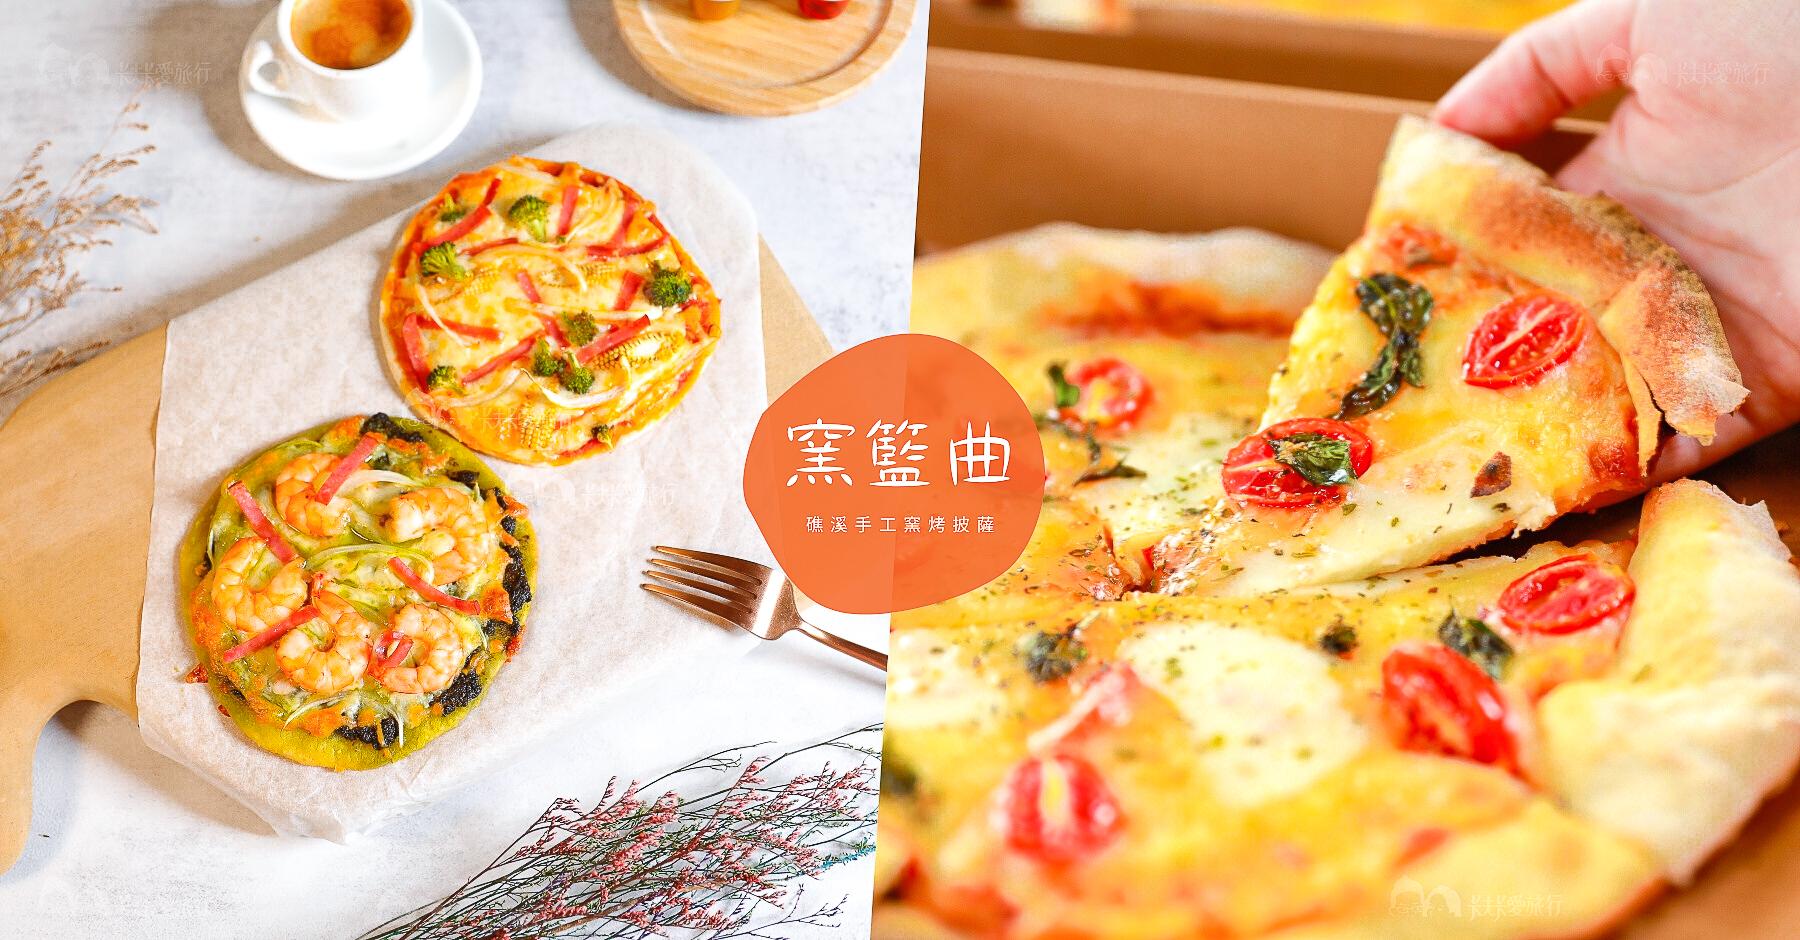 宜蘭礁溪窯烤披薩|窯籃曲義式烘焙餐廳|森林系手工窯烤披薩外帶優惠訂餐訂位網美網紅打卡餐廳